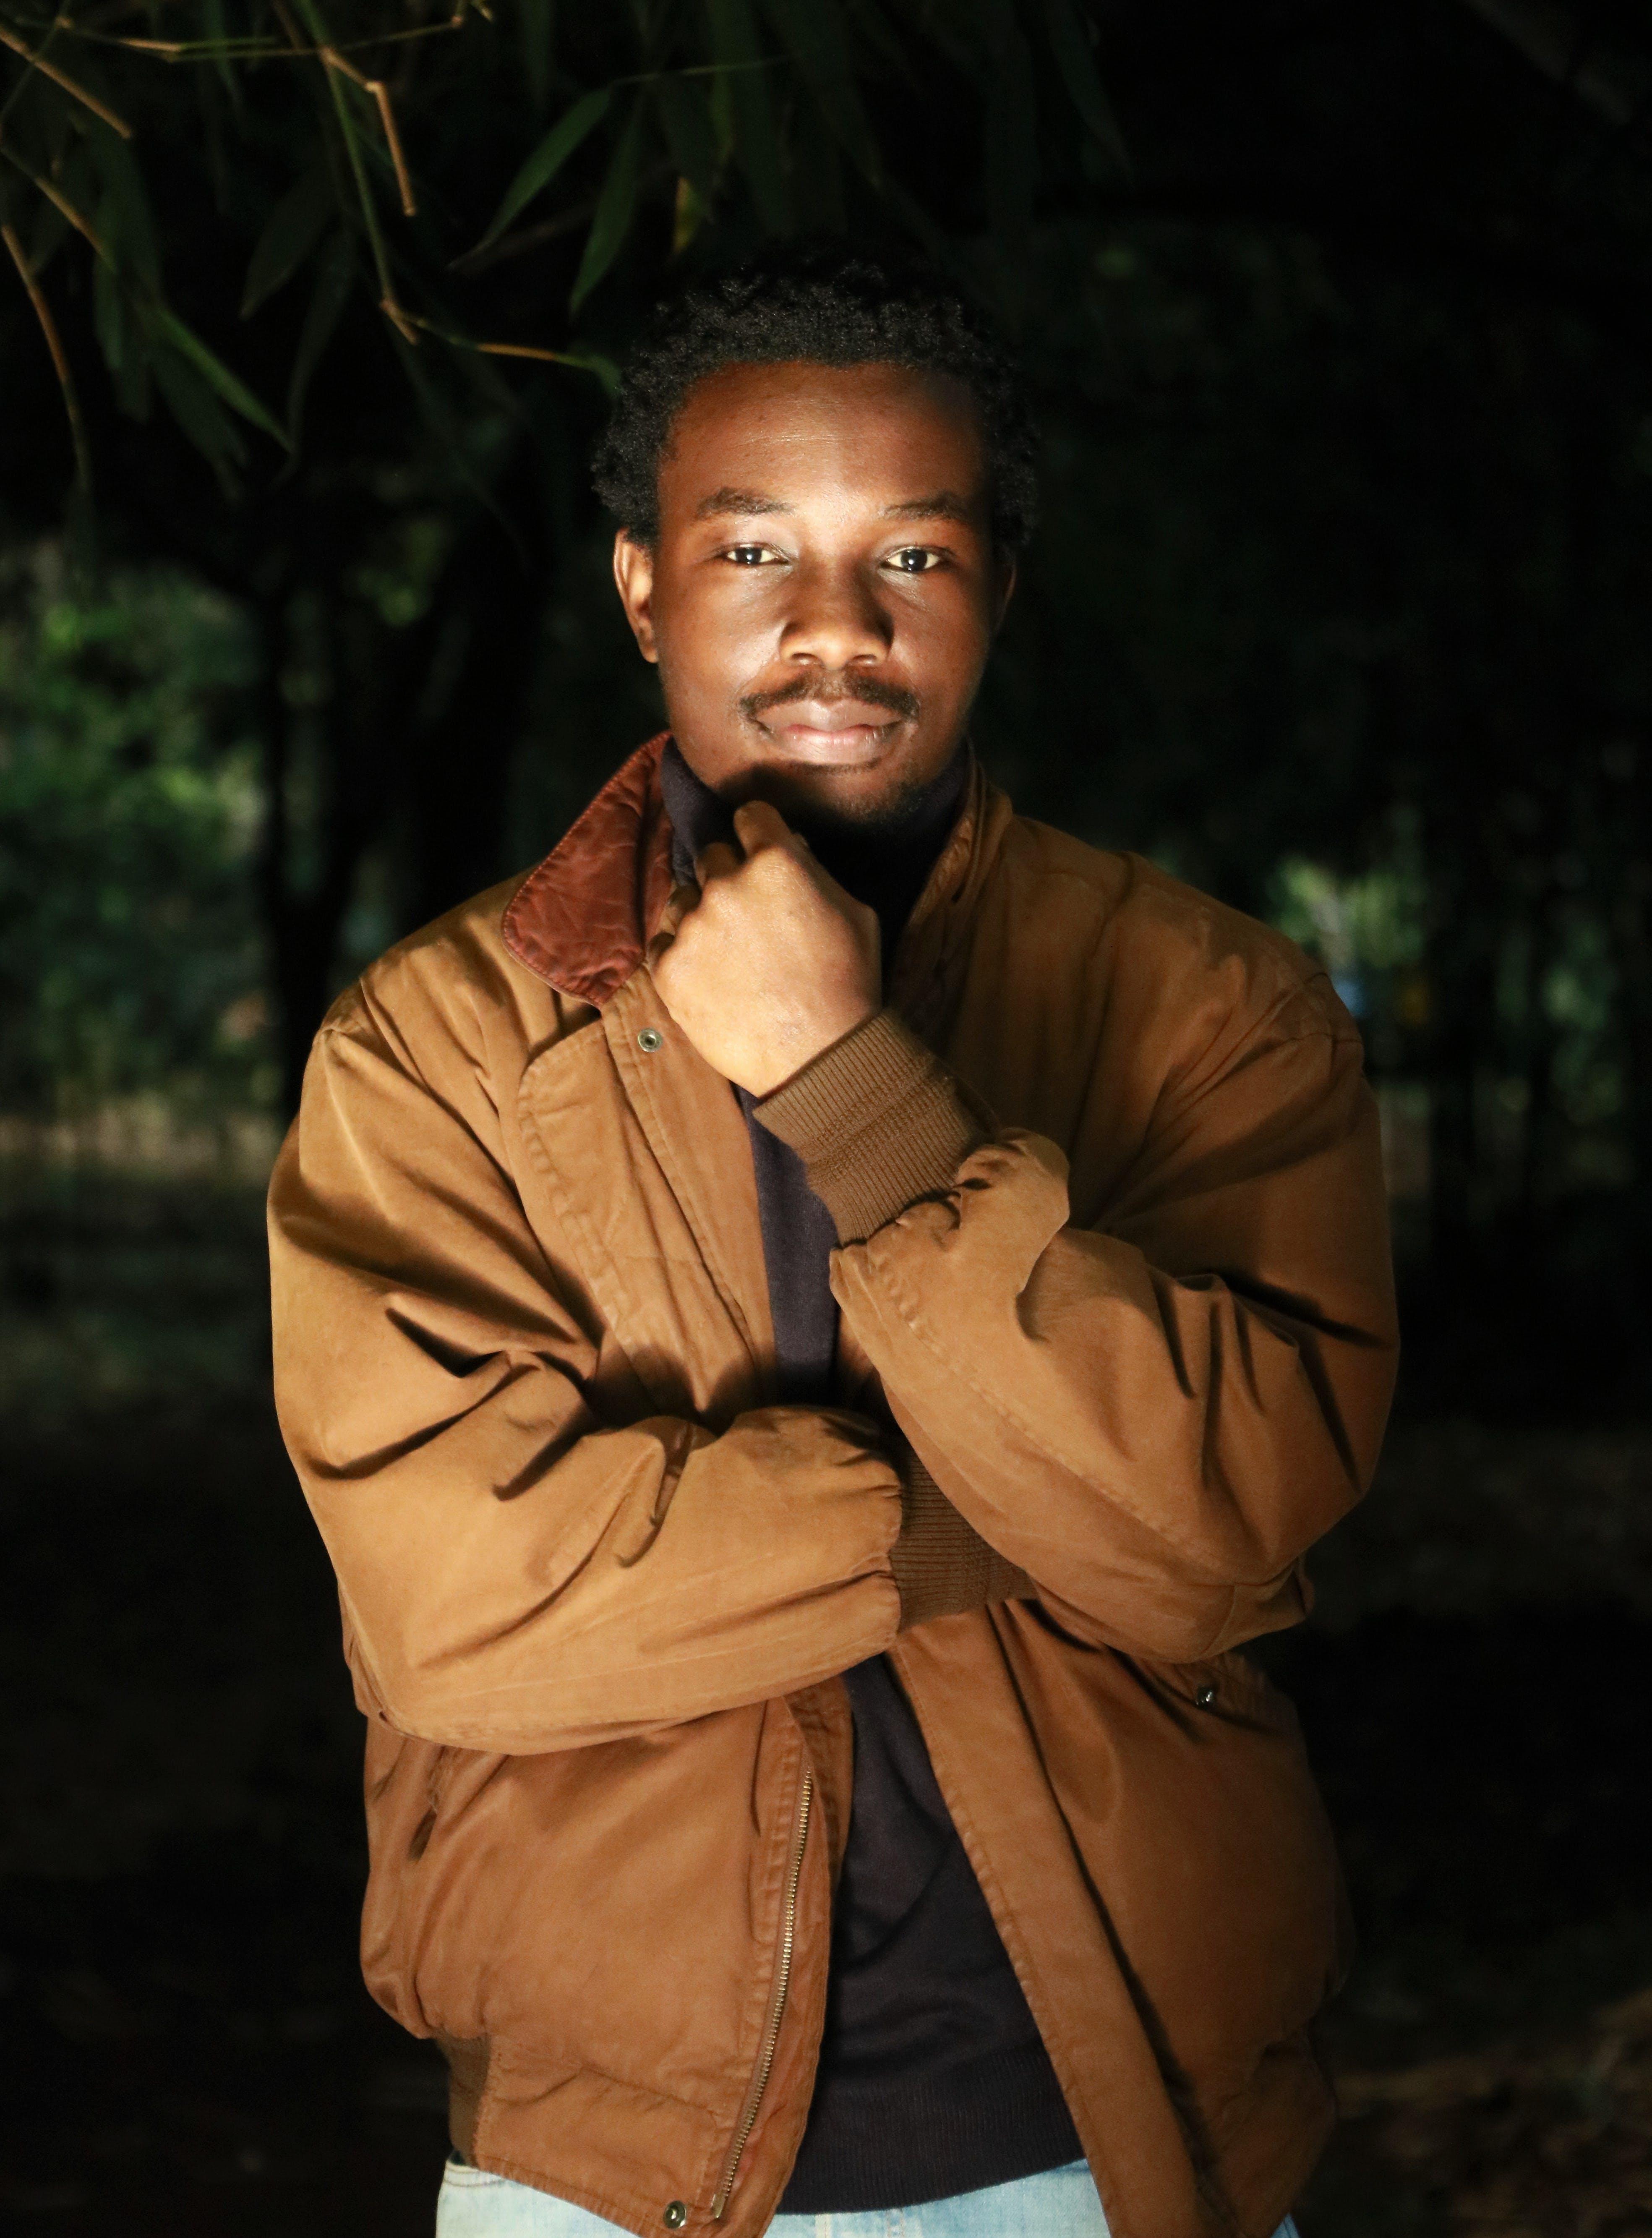 Man Wearing Brown Zip-up Jacket